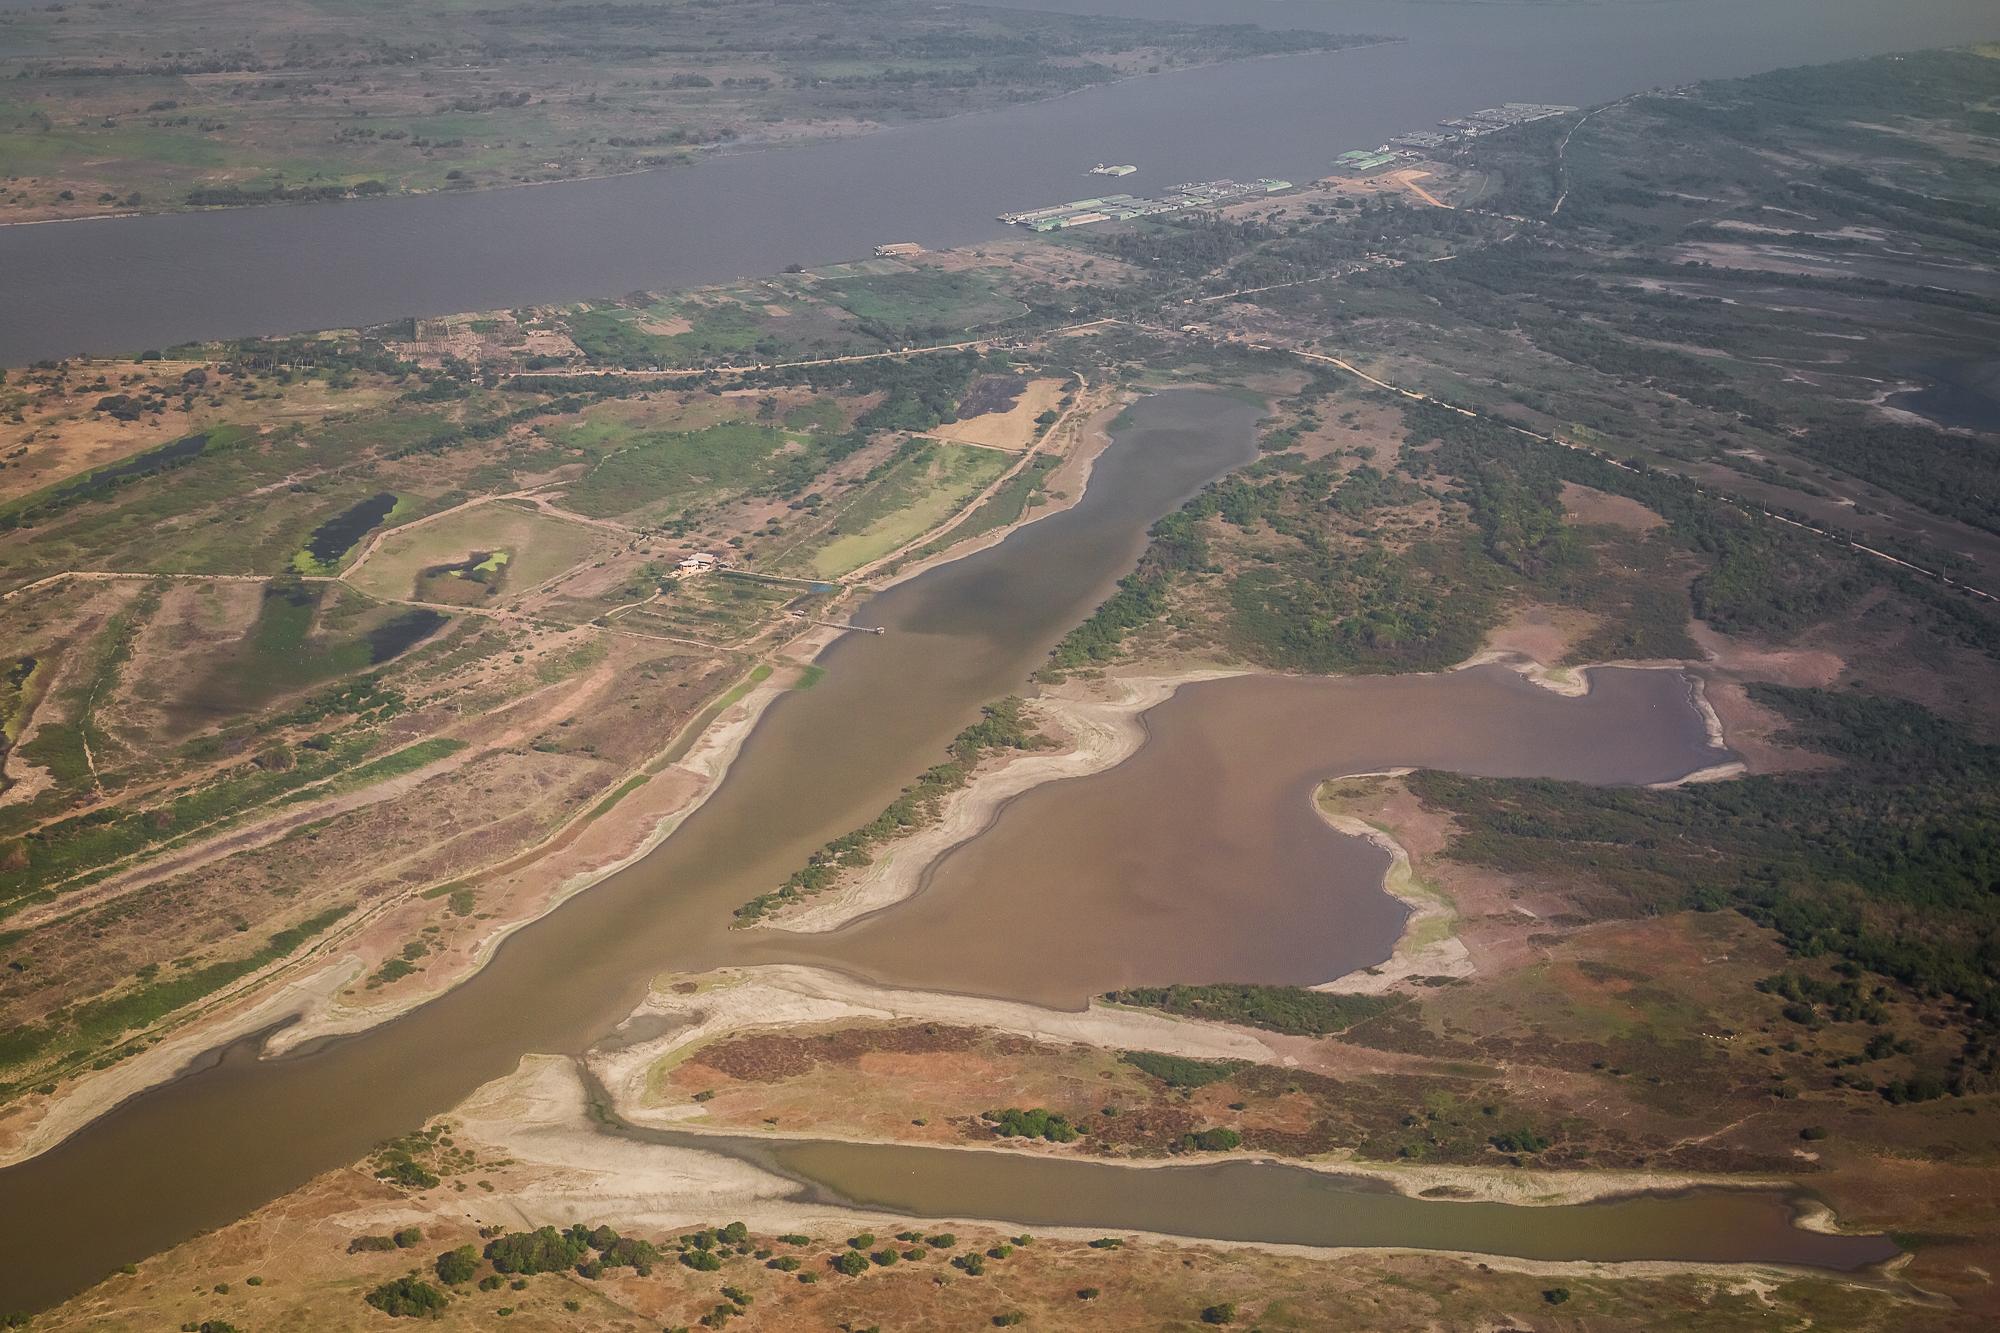 Planos de inundación. Soledad Atlántico